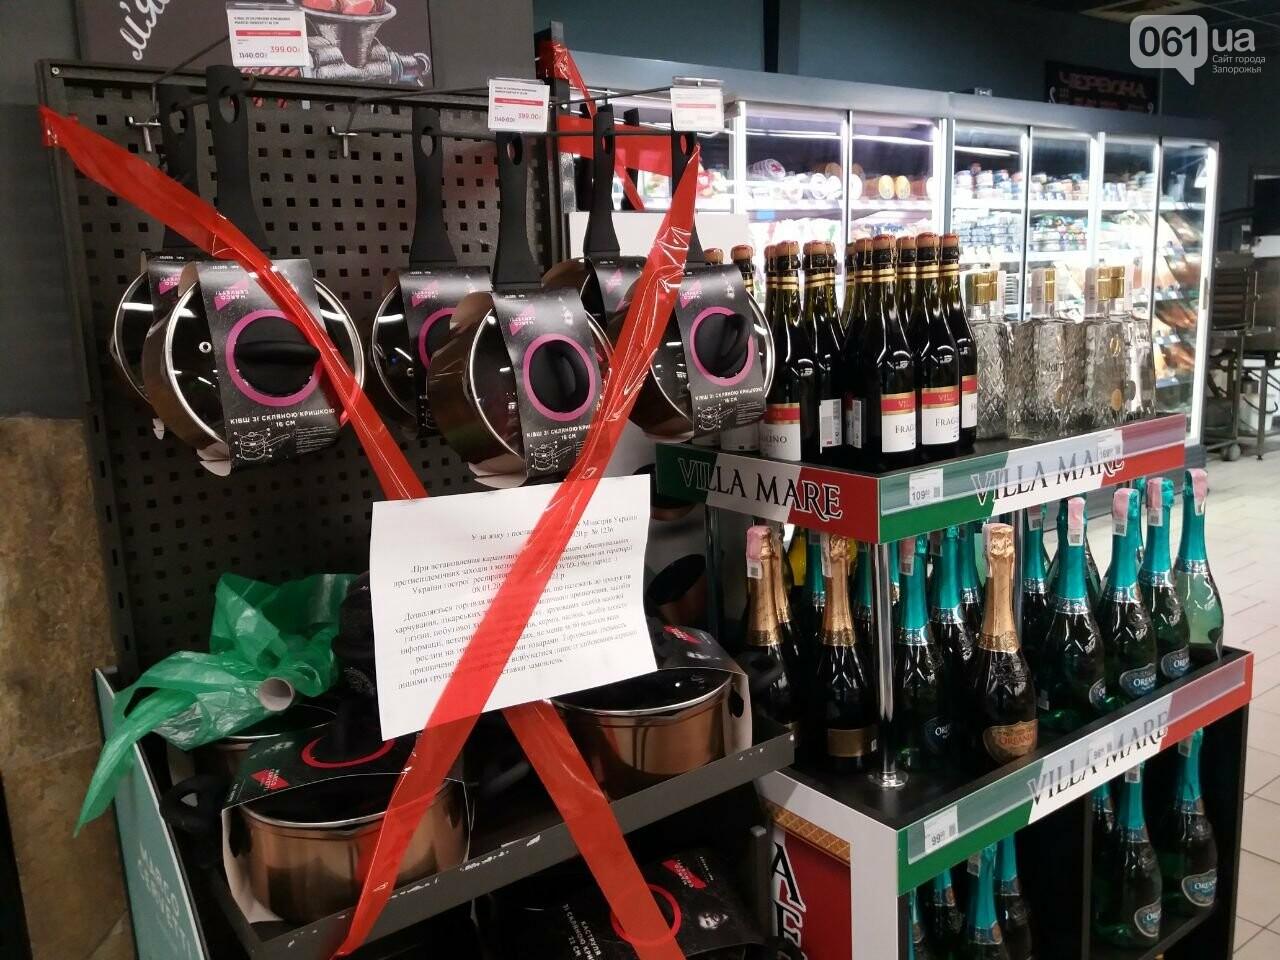 Защитные ленты на товарах, неработающие ТРЦ и полузакрытые рынки – фоторепортаж о первом дне локдауна в Запорожье, фото-17